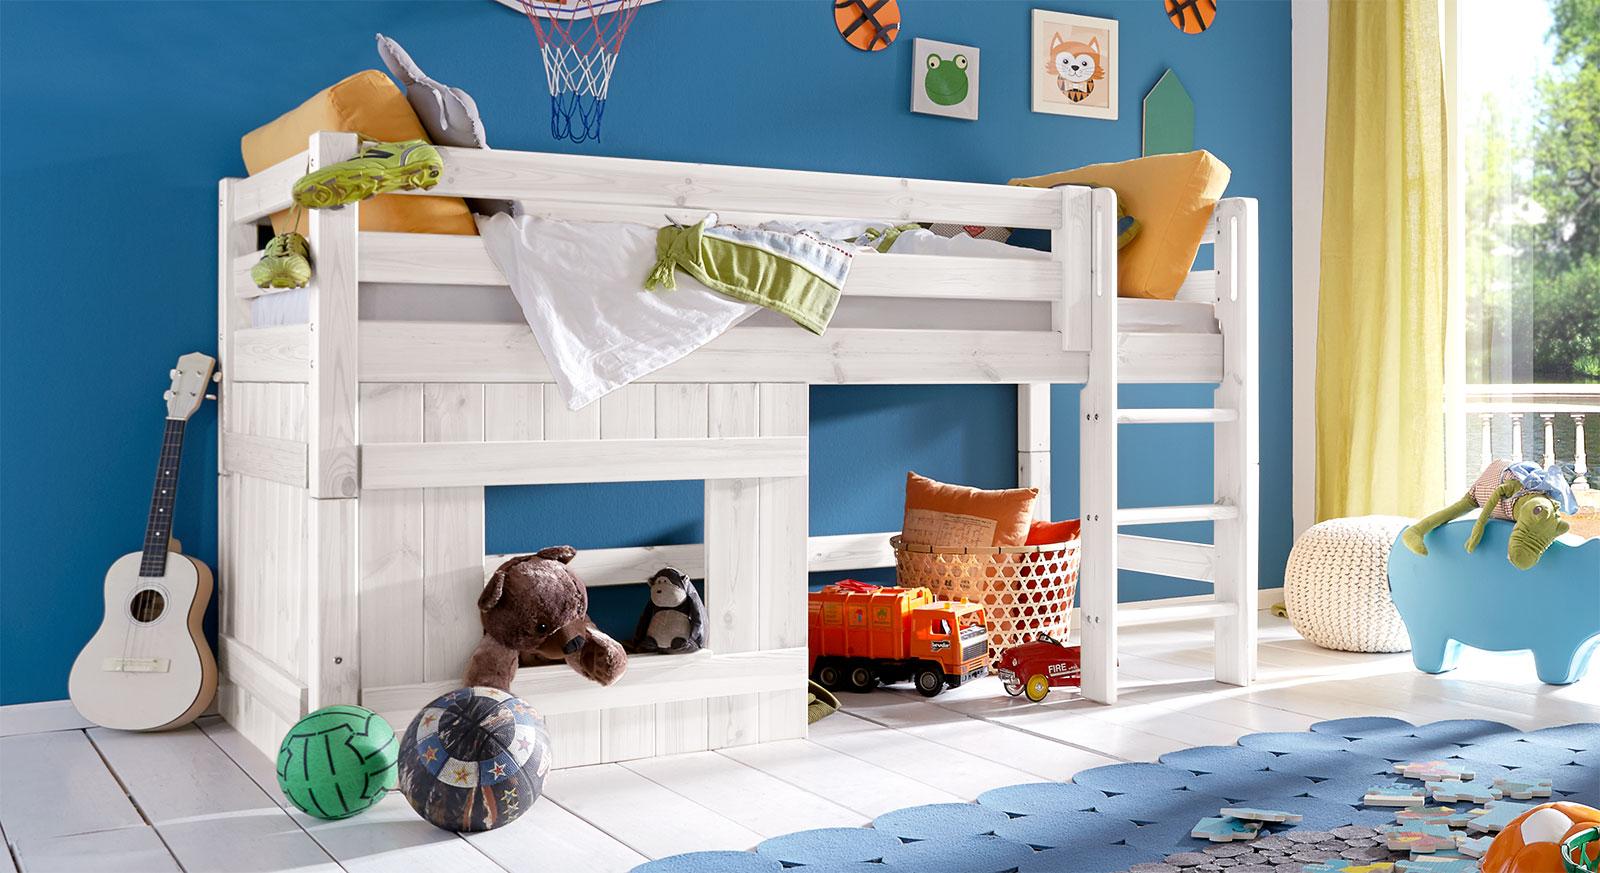 Hütten-Hochbett Kids Paradise für Jungen, Weiß lasiert